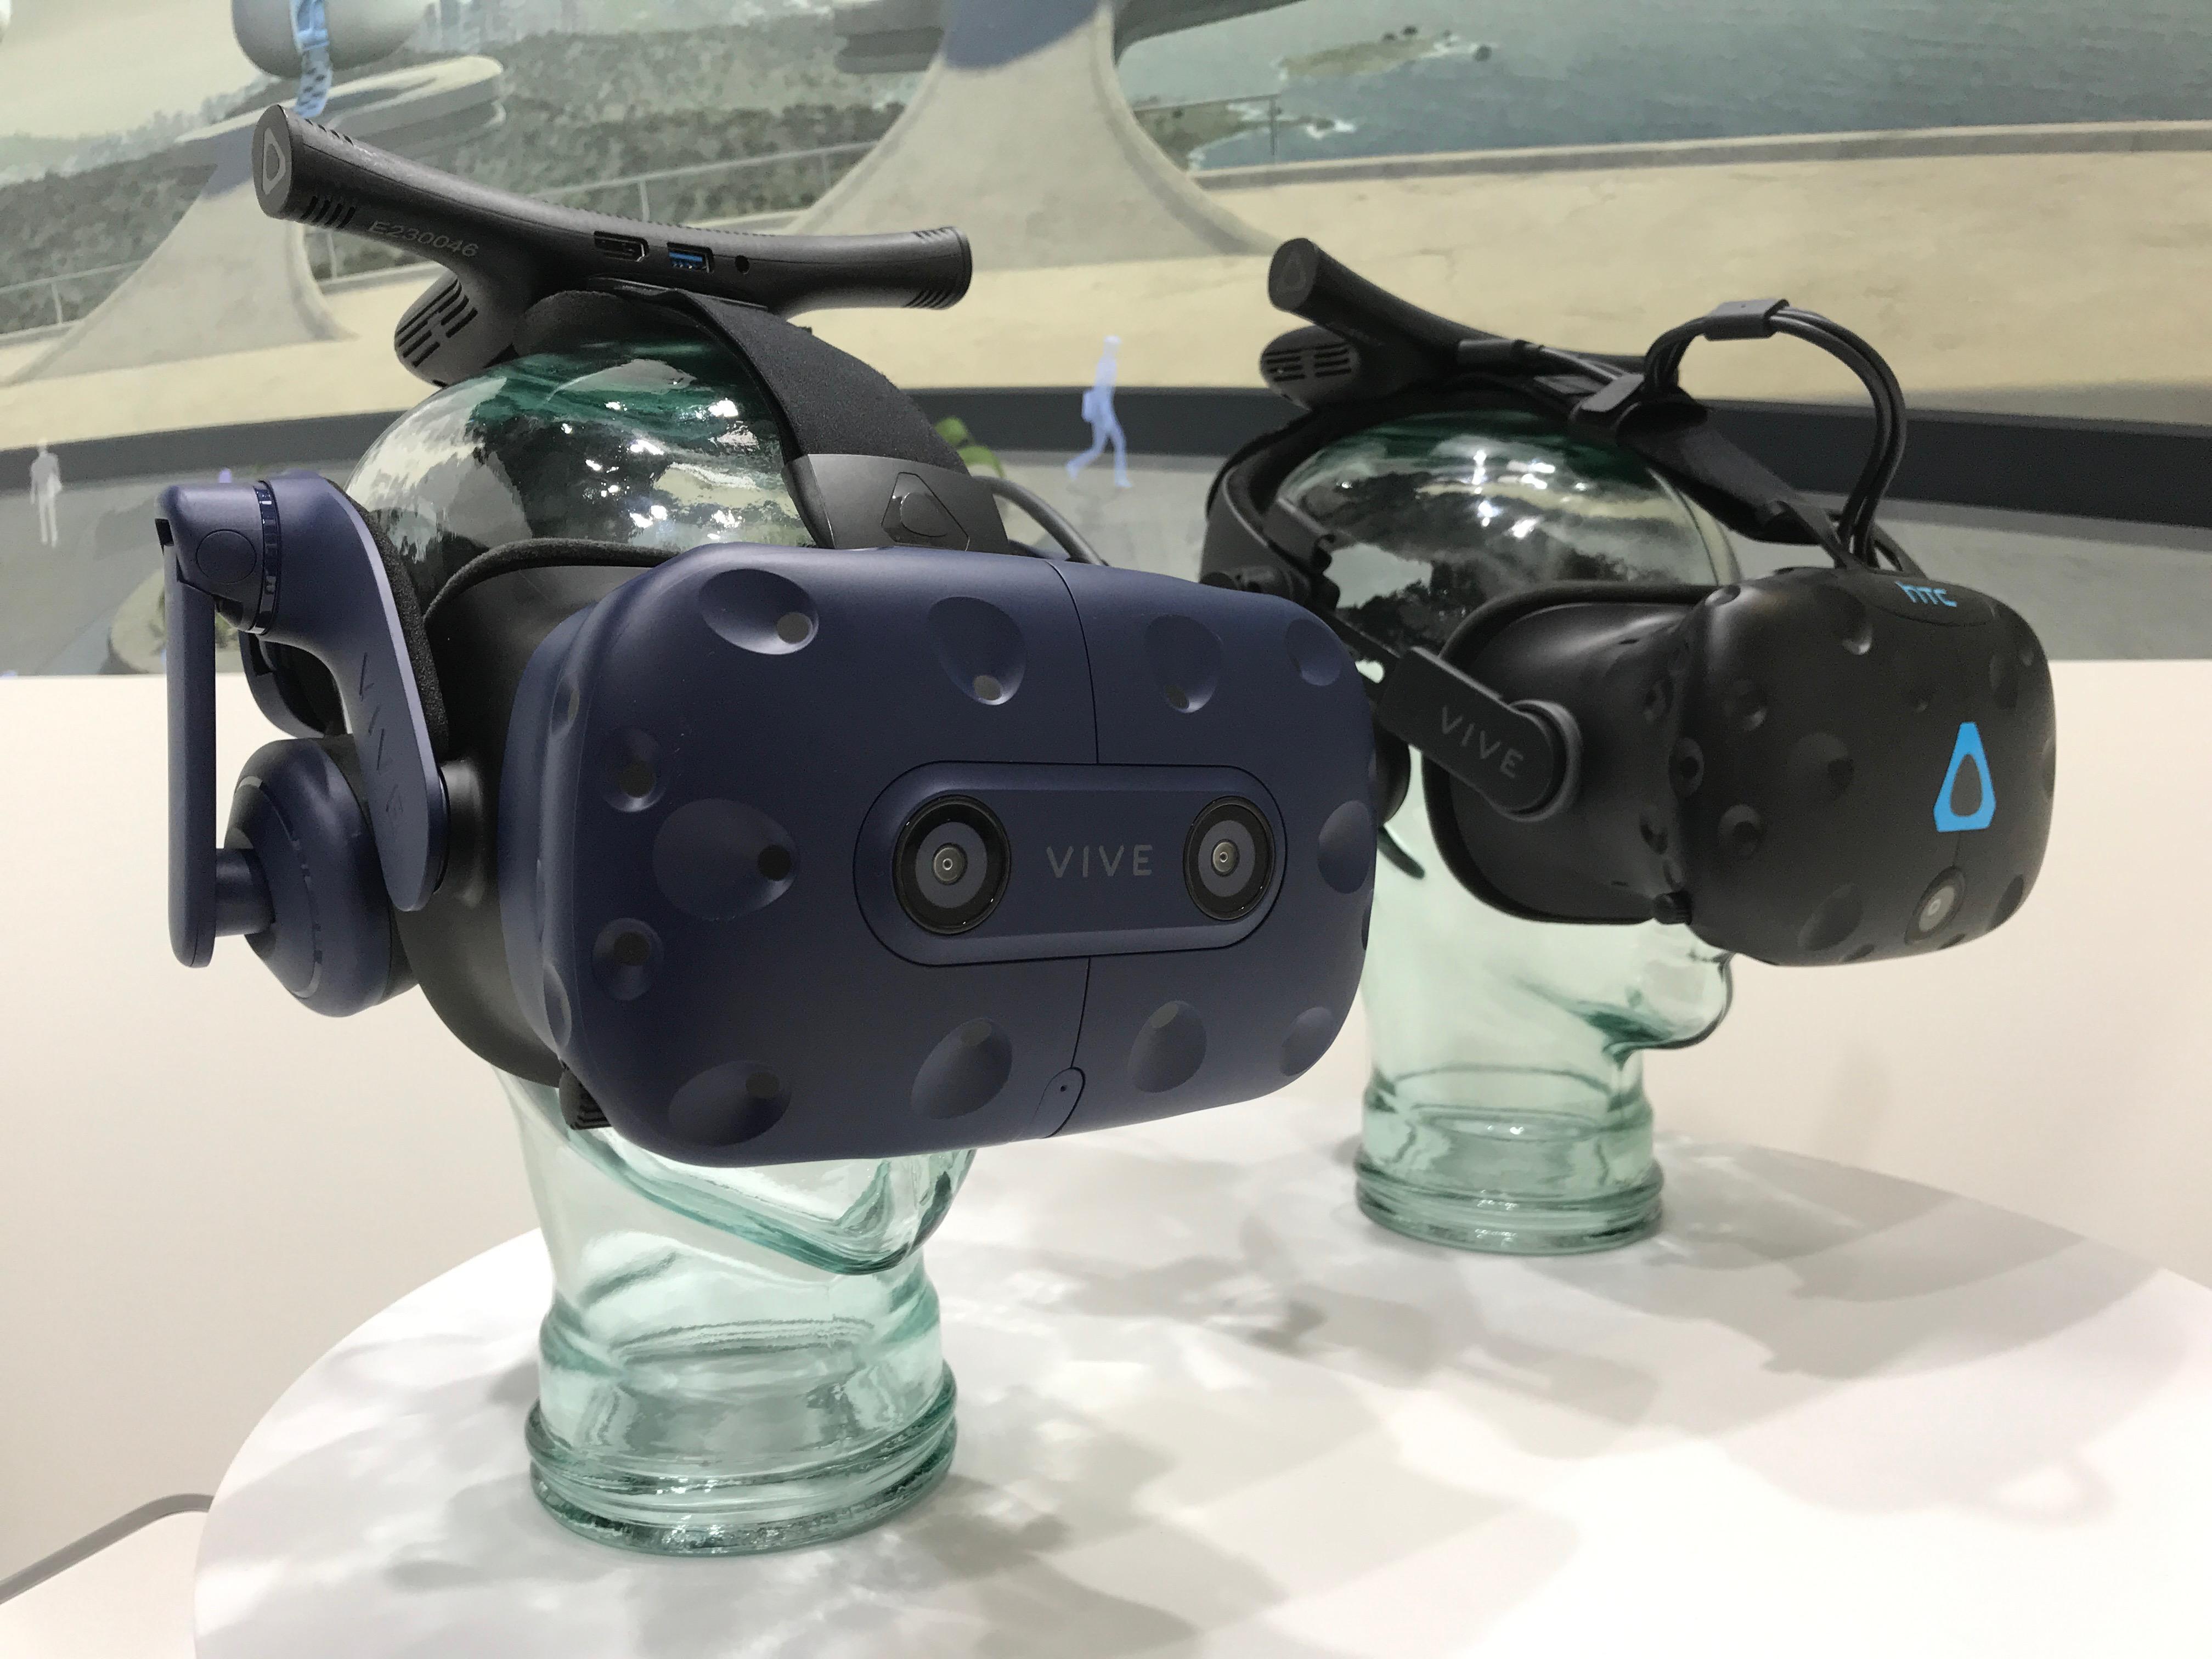 HTC Vive Pro, multijoueurs, éducation : où en est la réalité virtuelle au MWC ? - Numerama